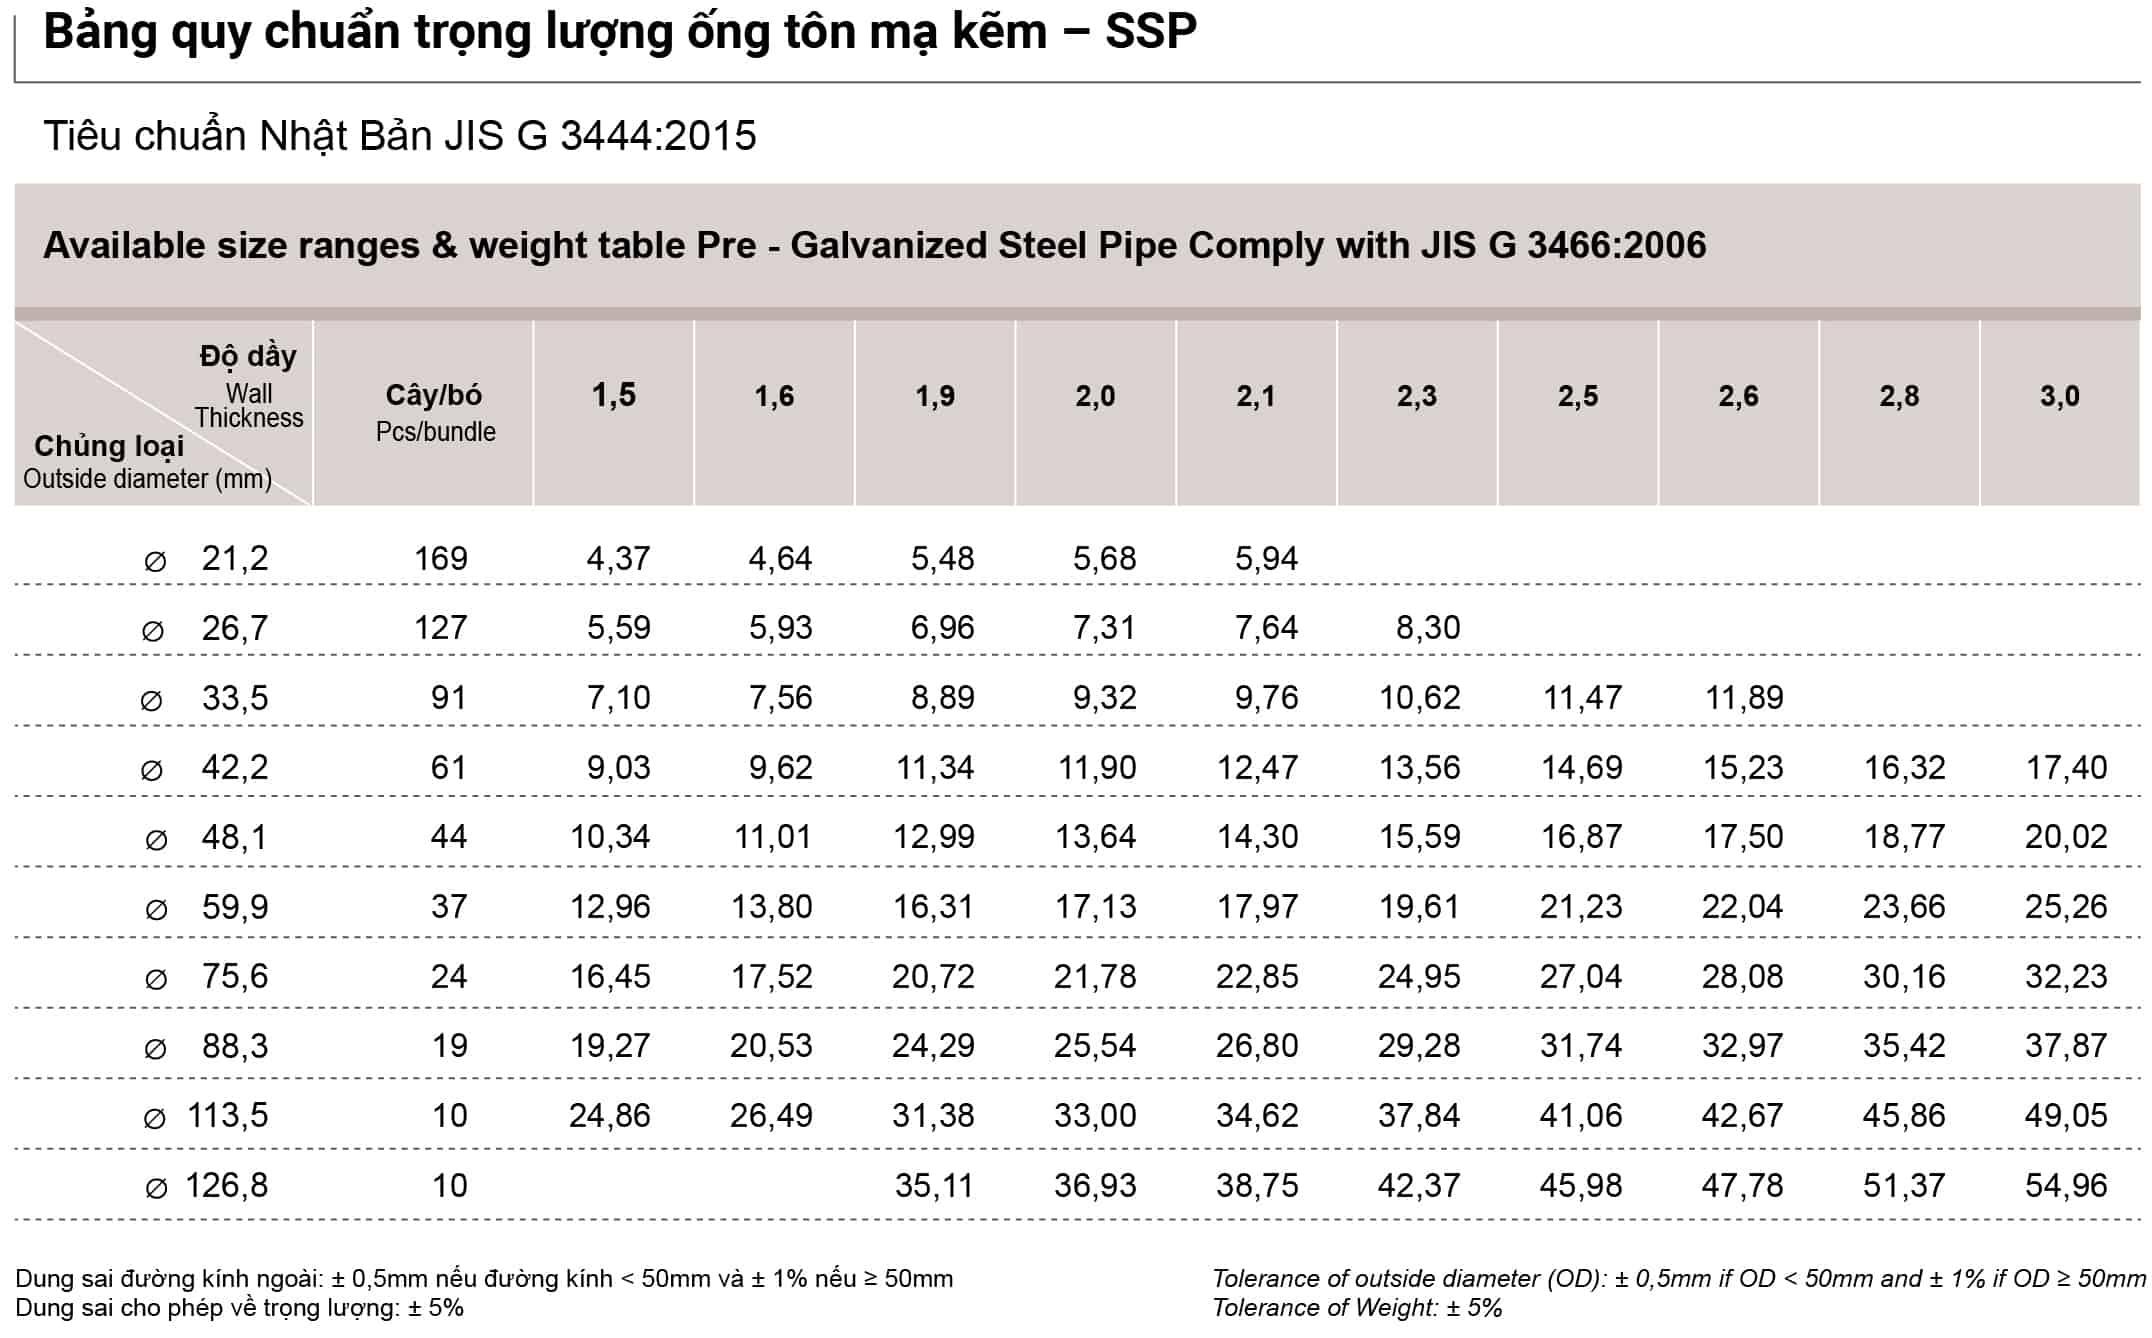 Bảng quy chuẩn trọng lượng ống tôn mạ kẽm Nhật Quang